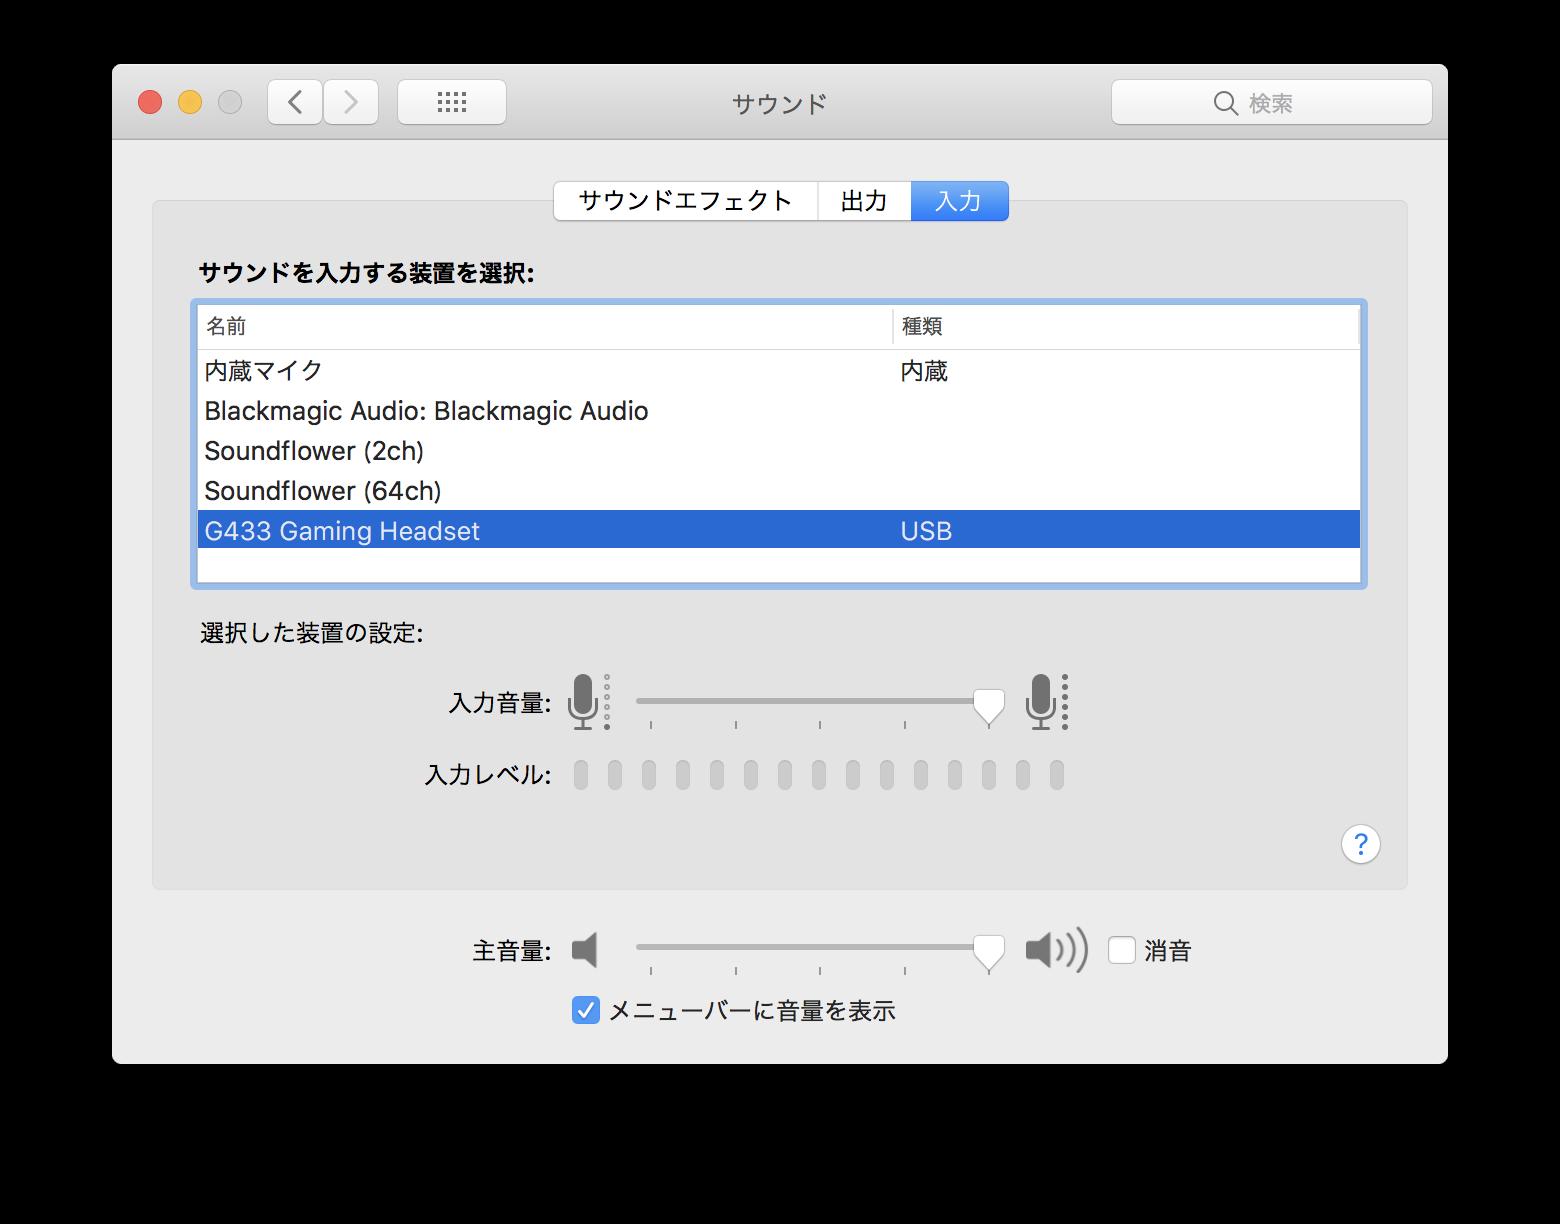 f:id:mitsuya0:20180203213009p:plain